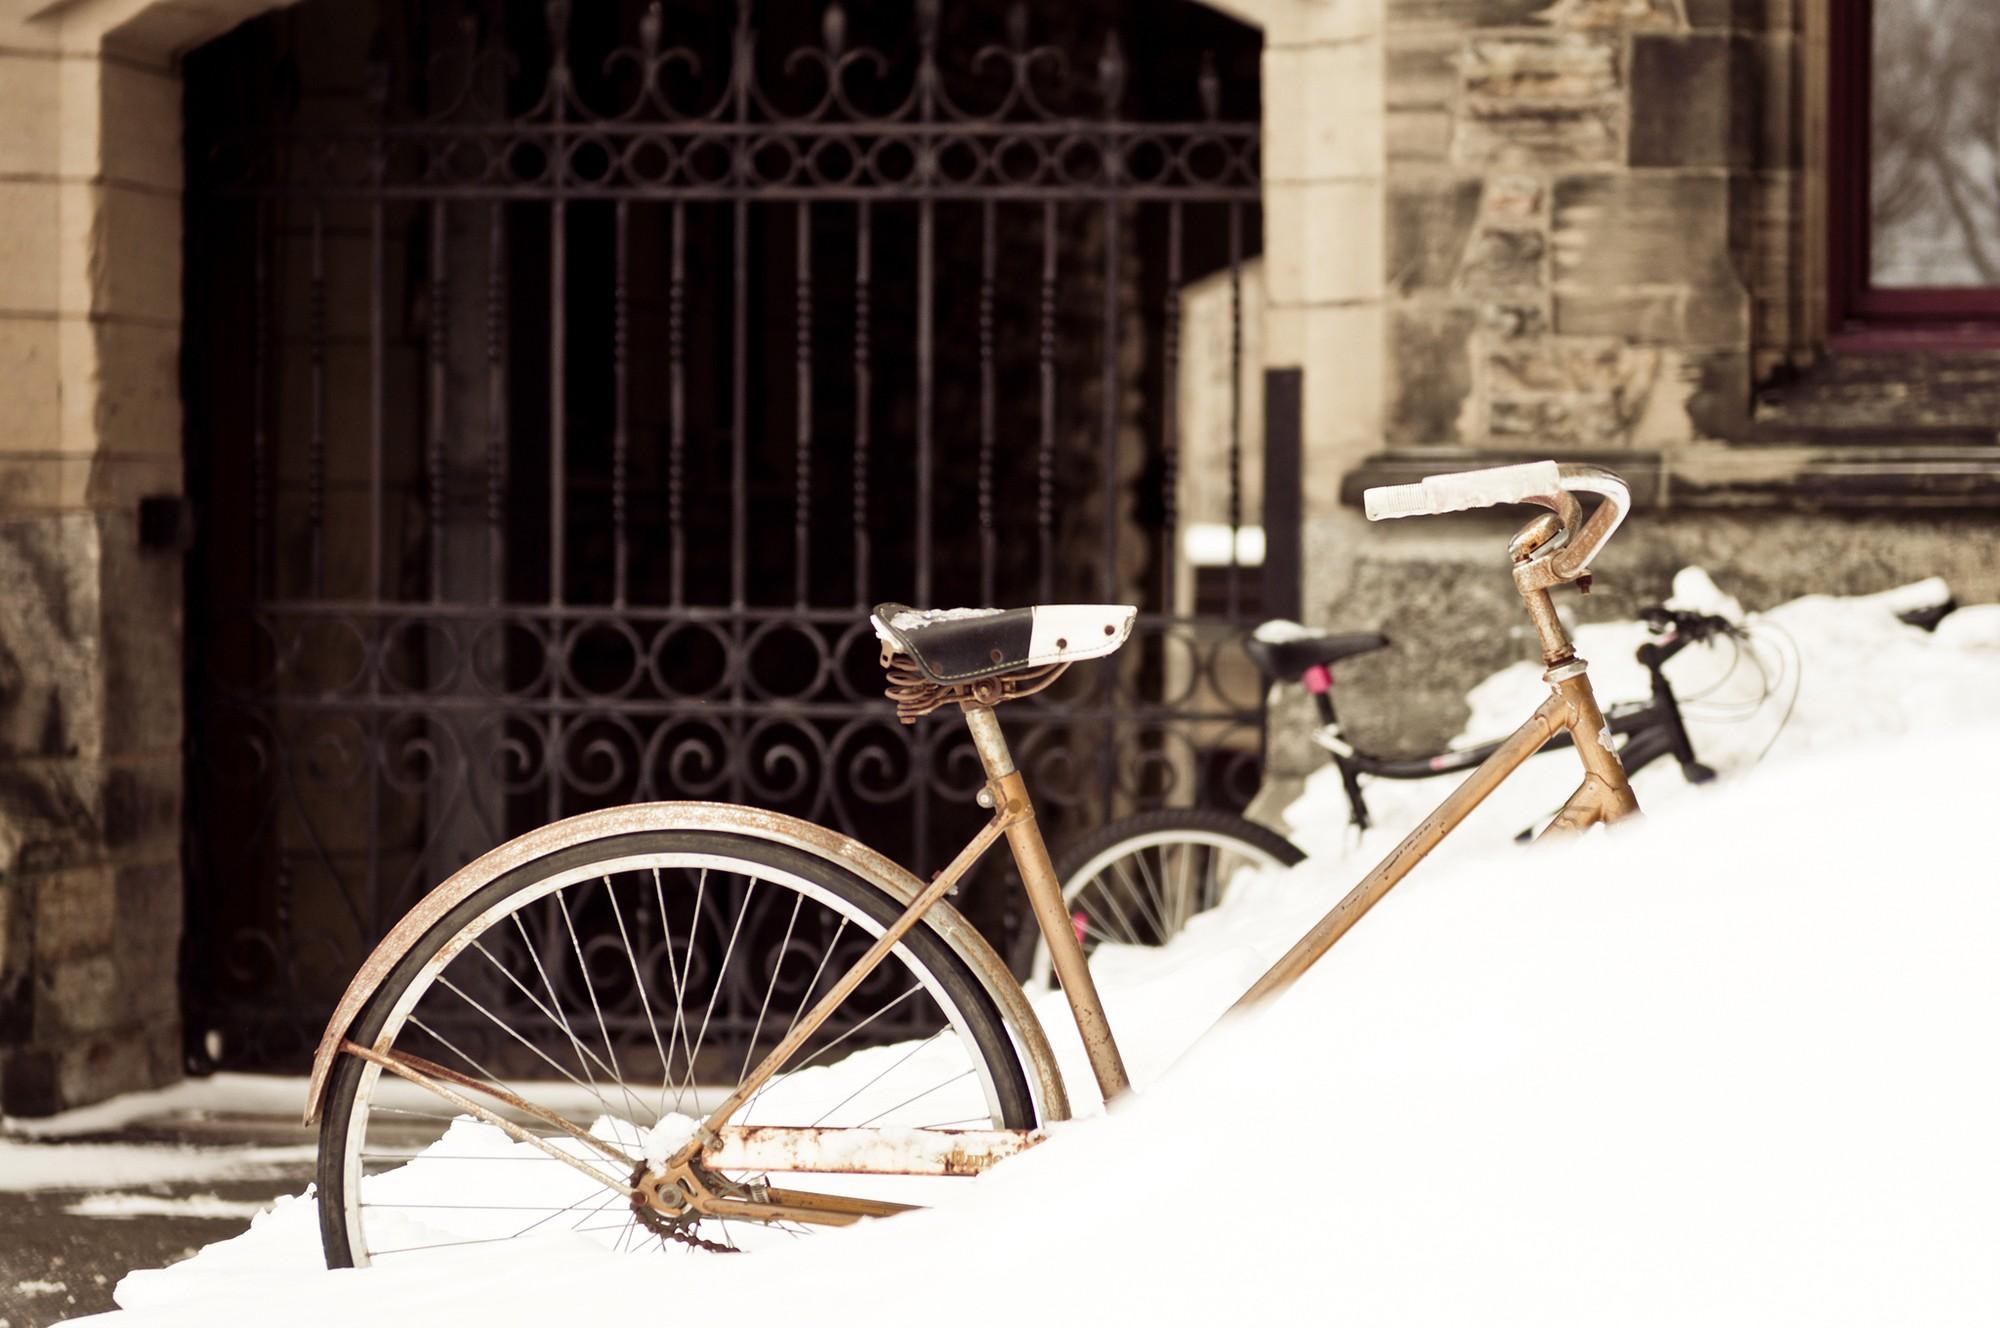 очень картинка велосипед рождество под снегом того, что короткие